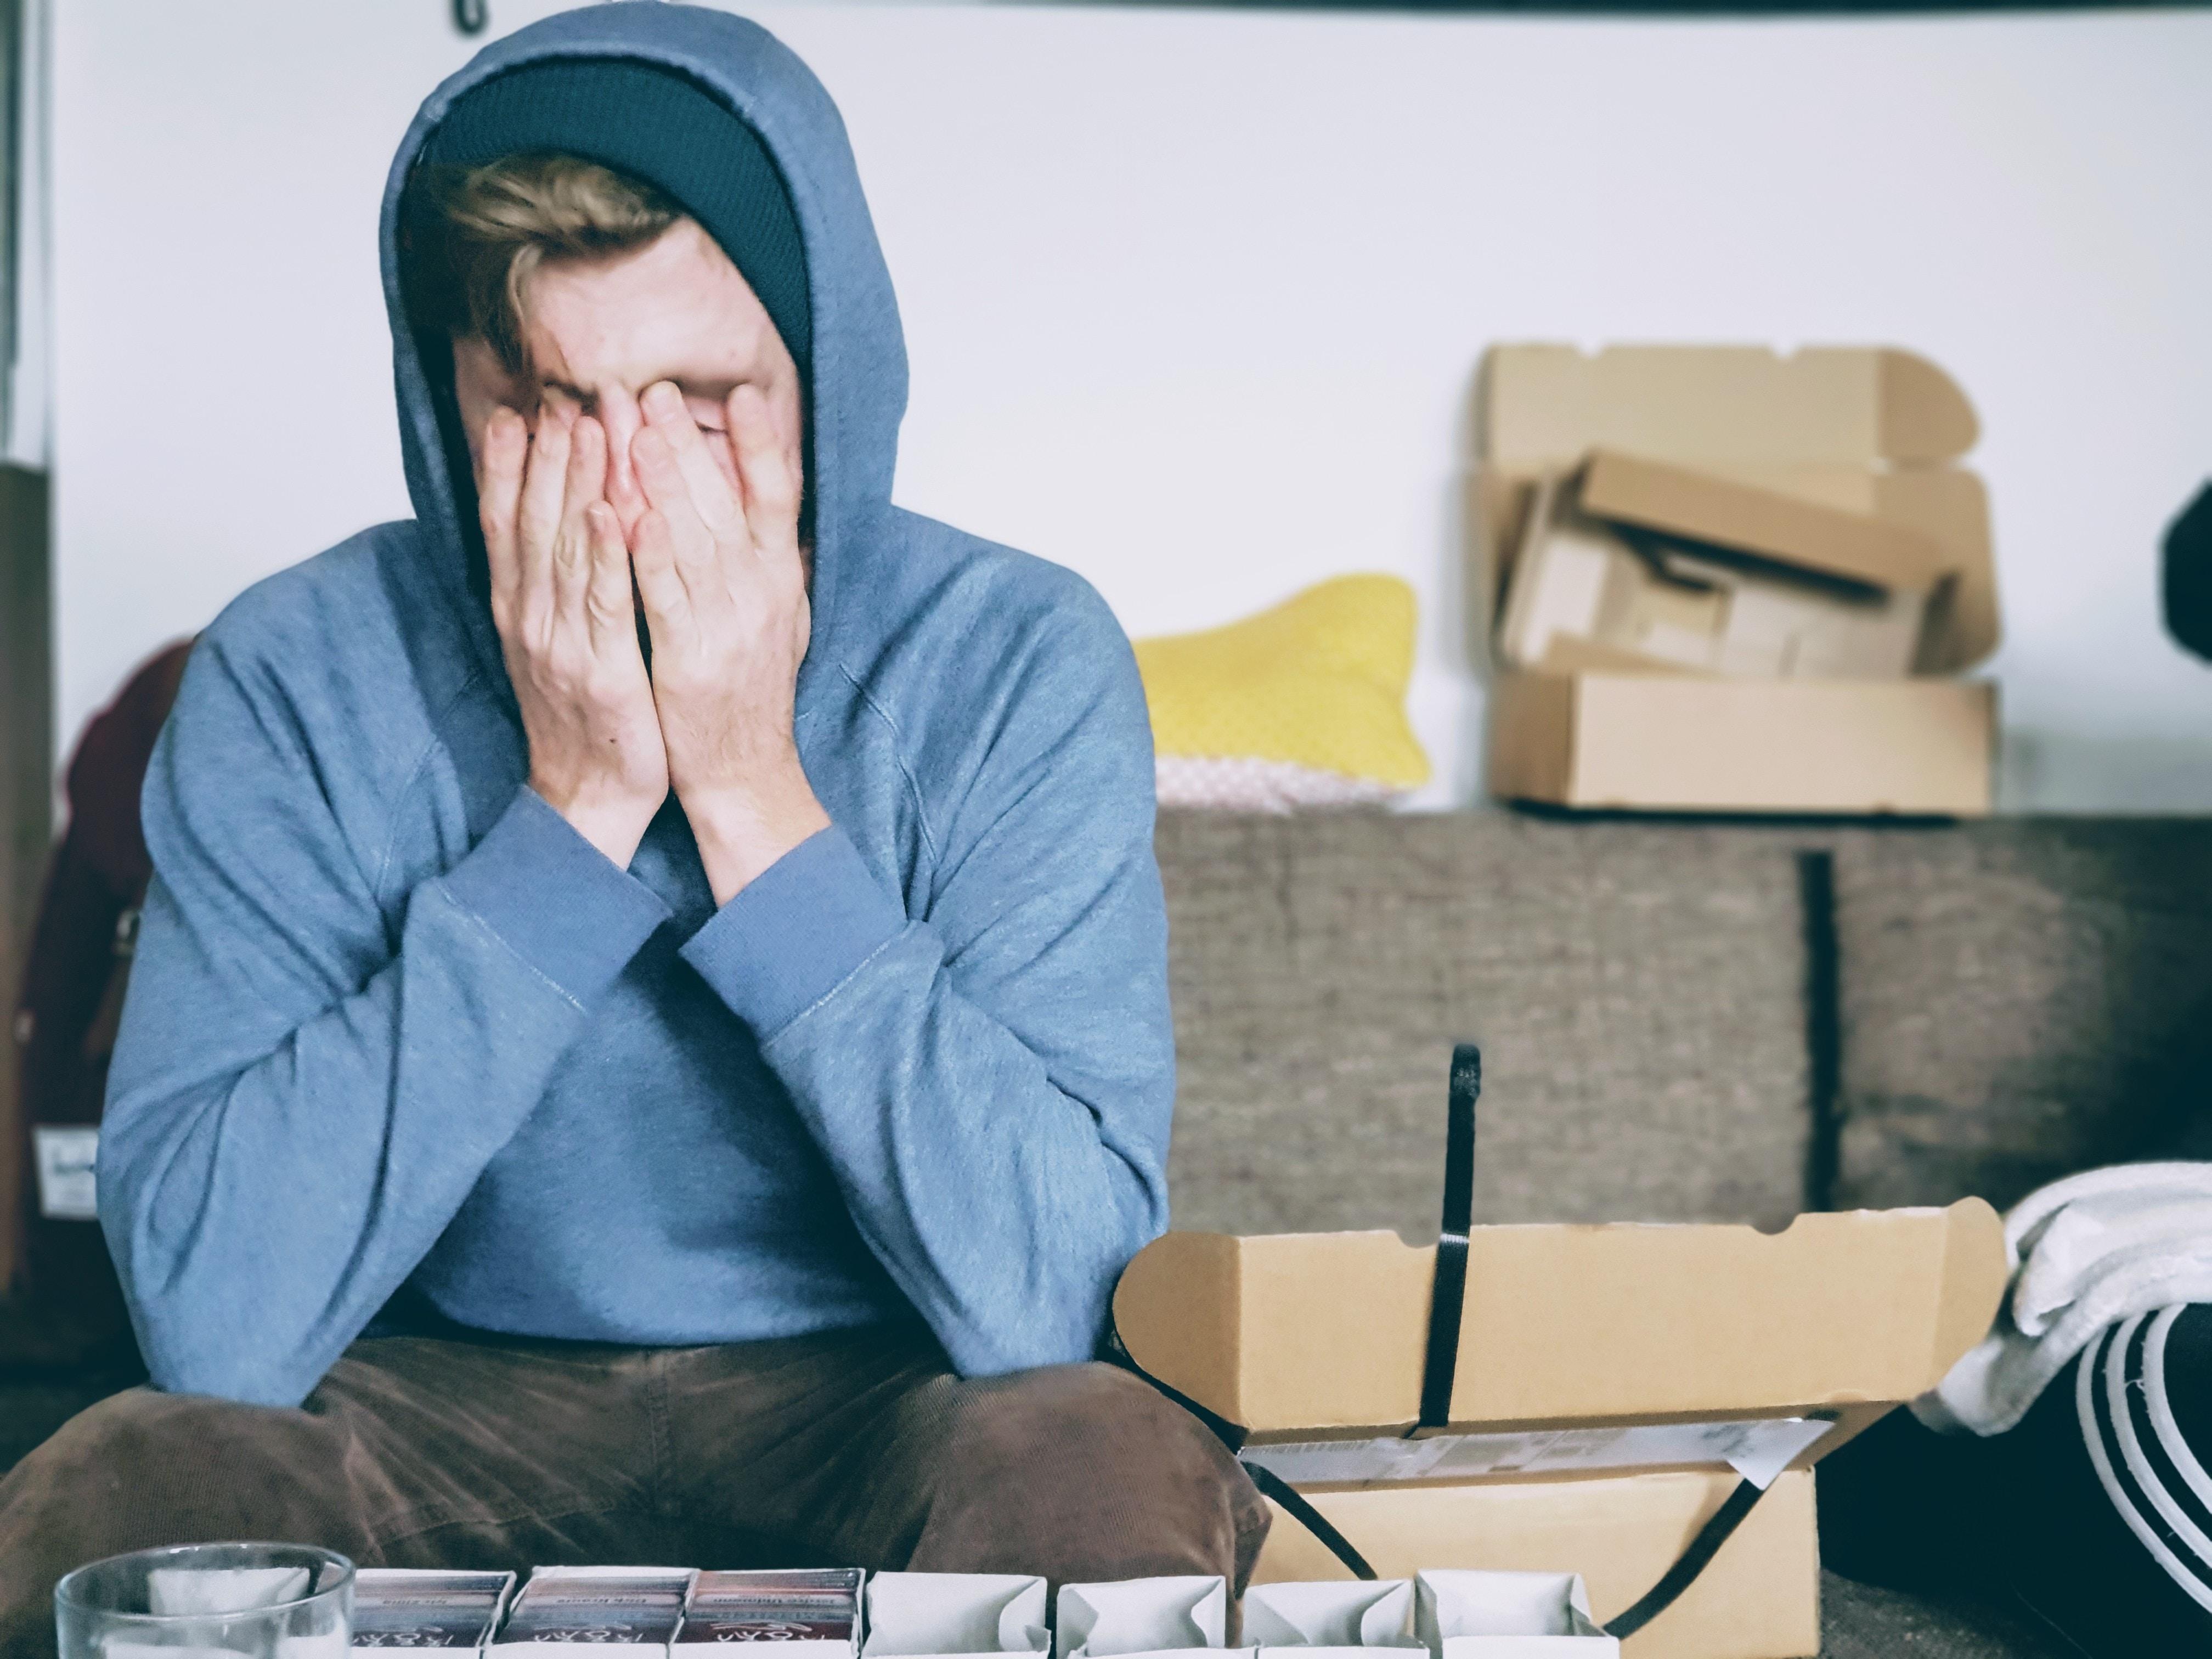 overwhelmed procrastinator